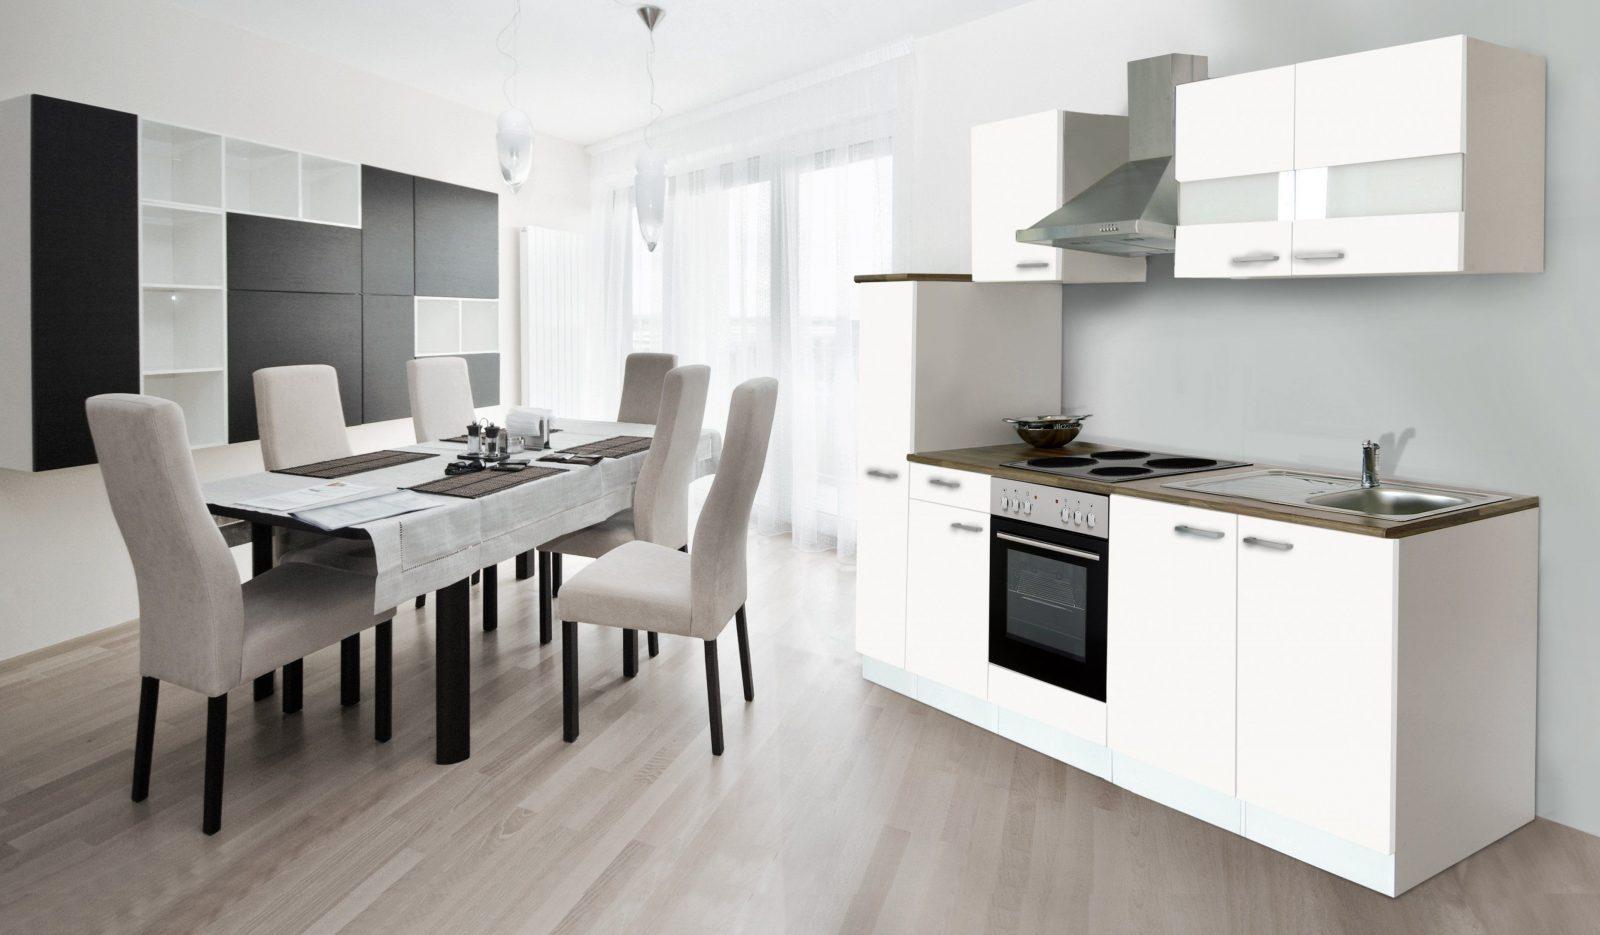 Respekta Küche Küchenzeile Einbauküche Küchenblock 240 Cm Weiss von Küchenzeile 240 Cm Mit Kühlschrank Photo